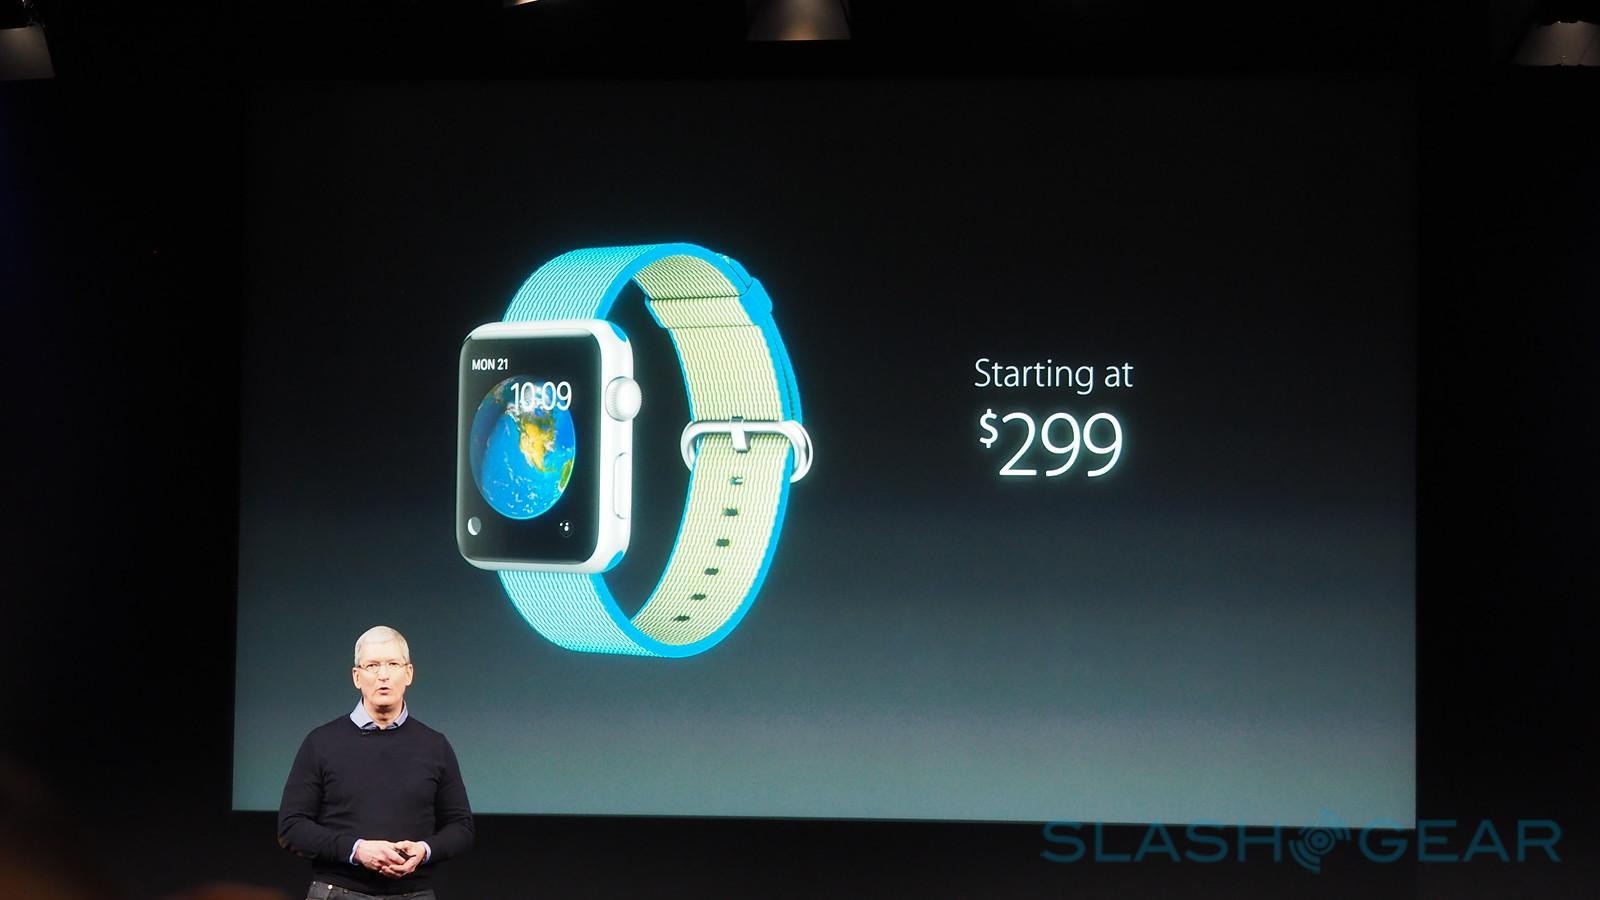 Cheaper Apple Watch